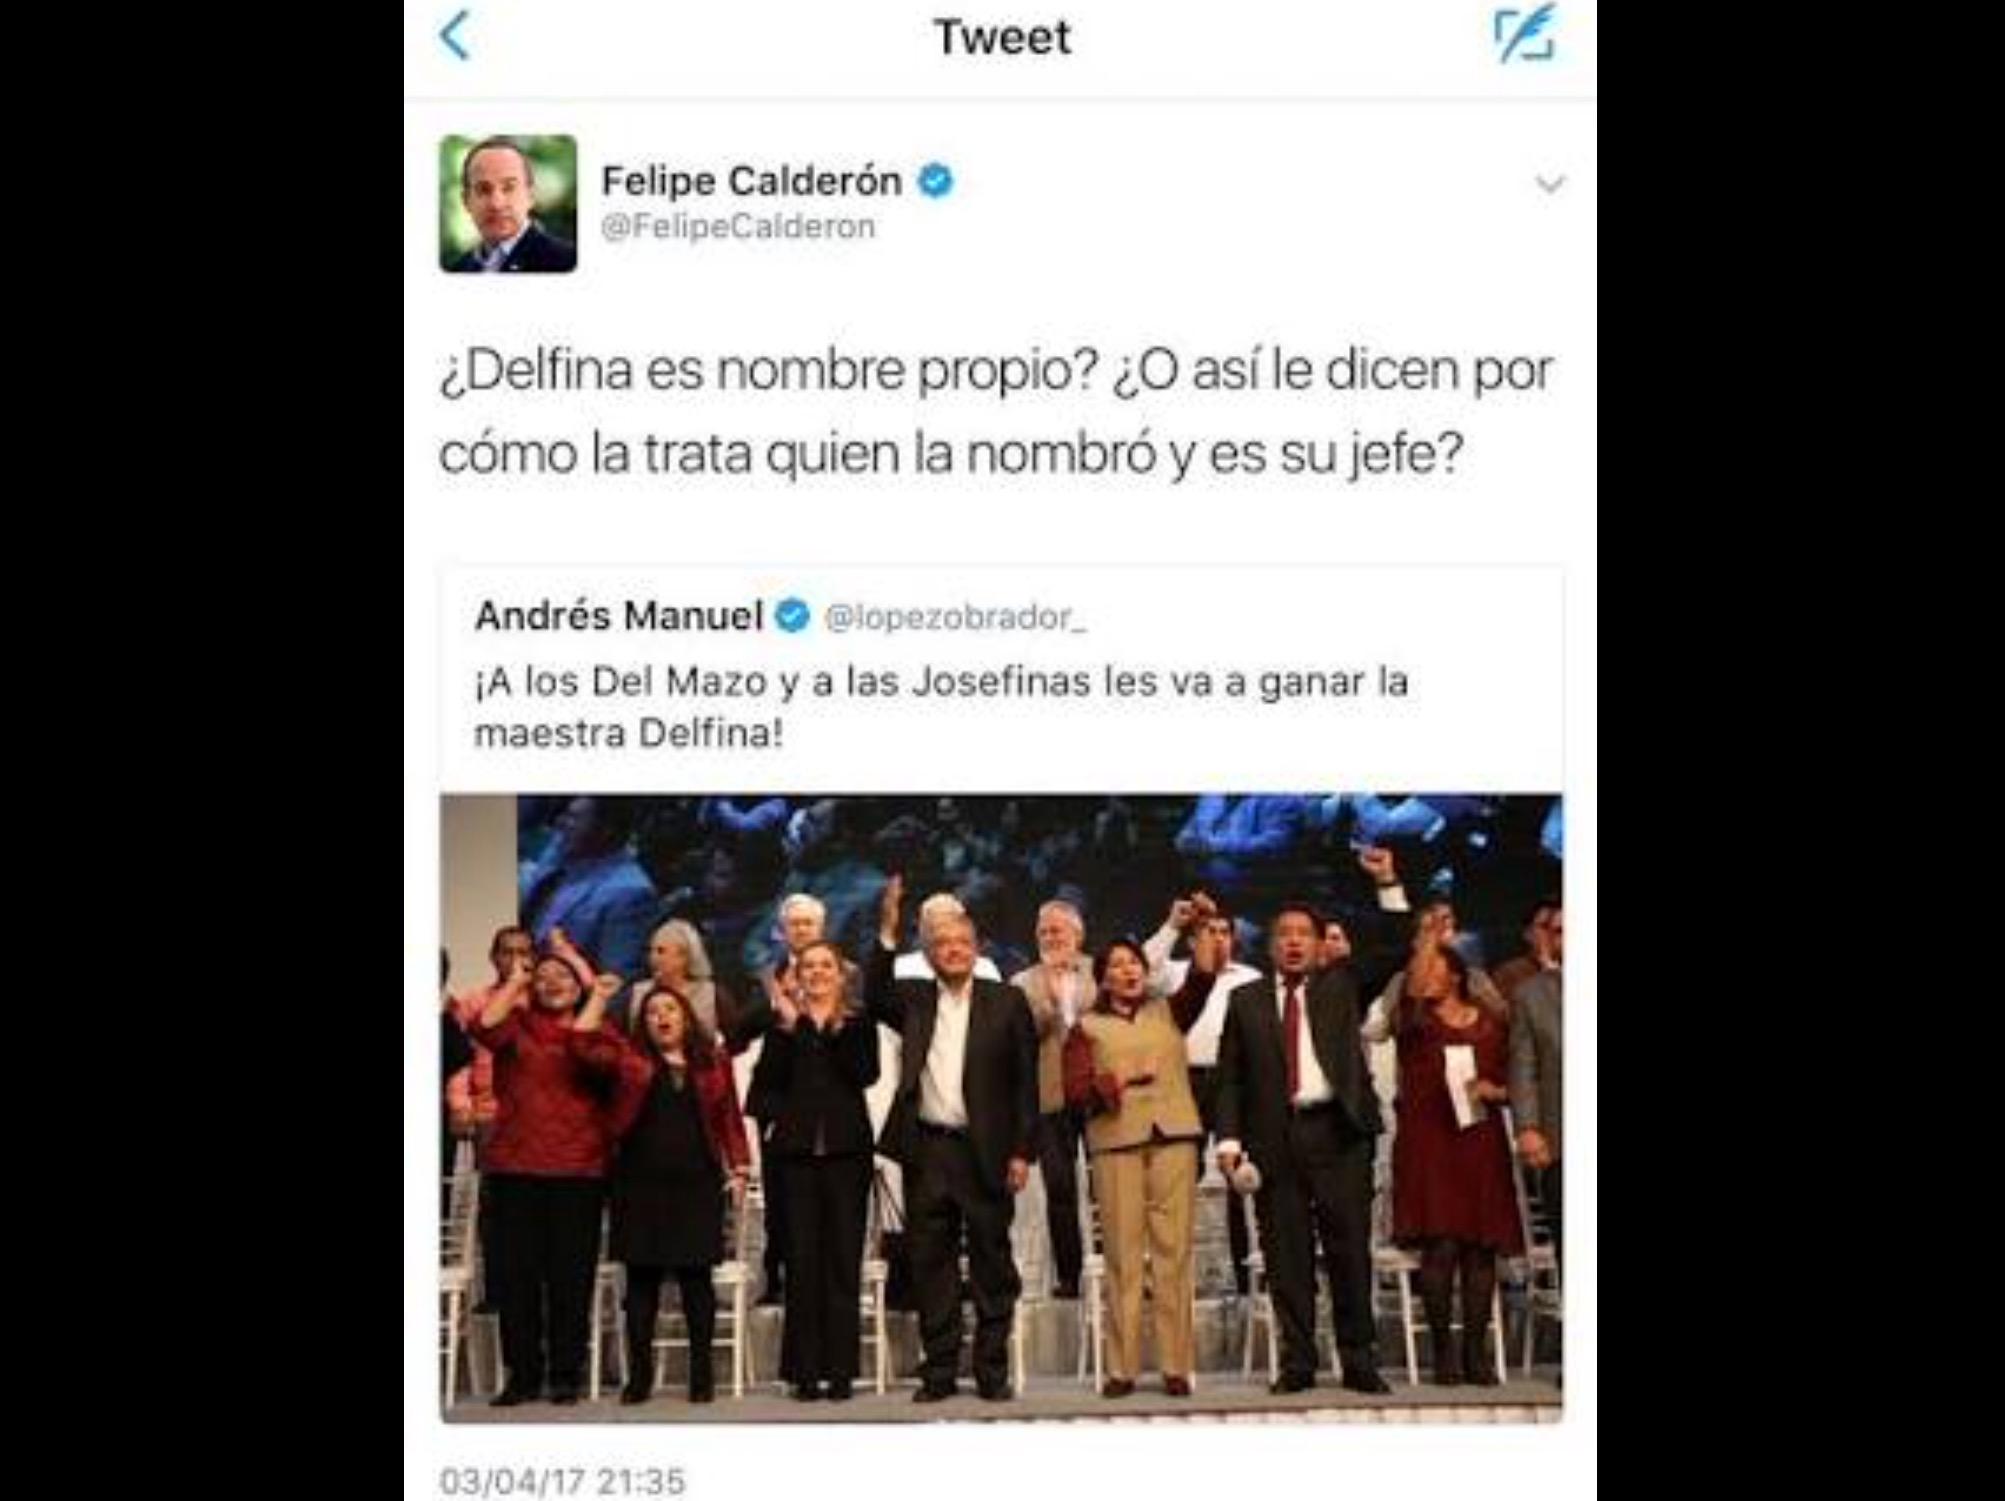 Señalan violencia política de género en tuit de Calderón contra Delfina